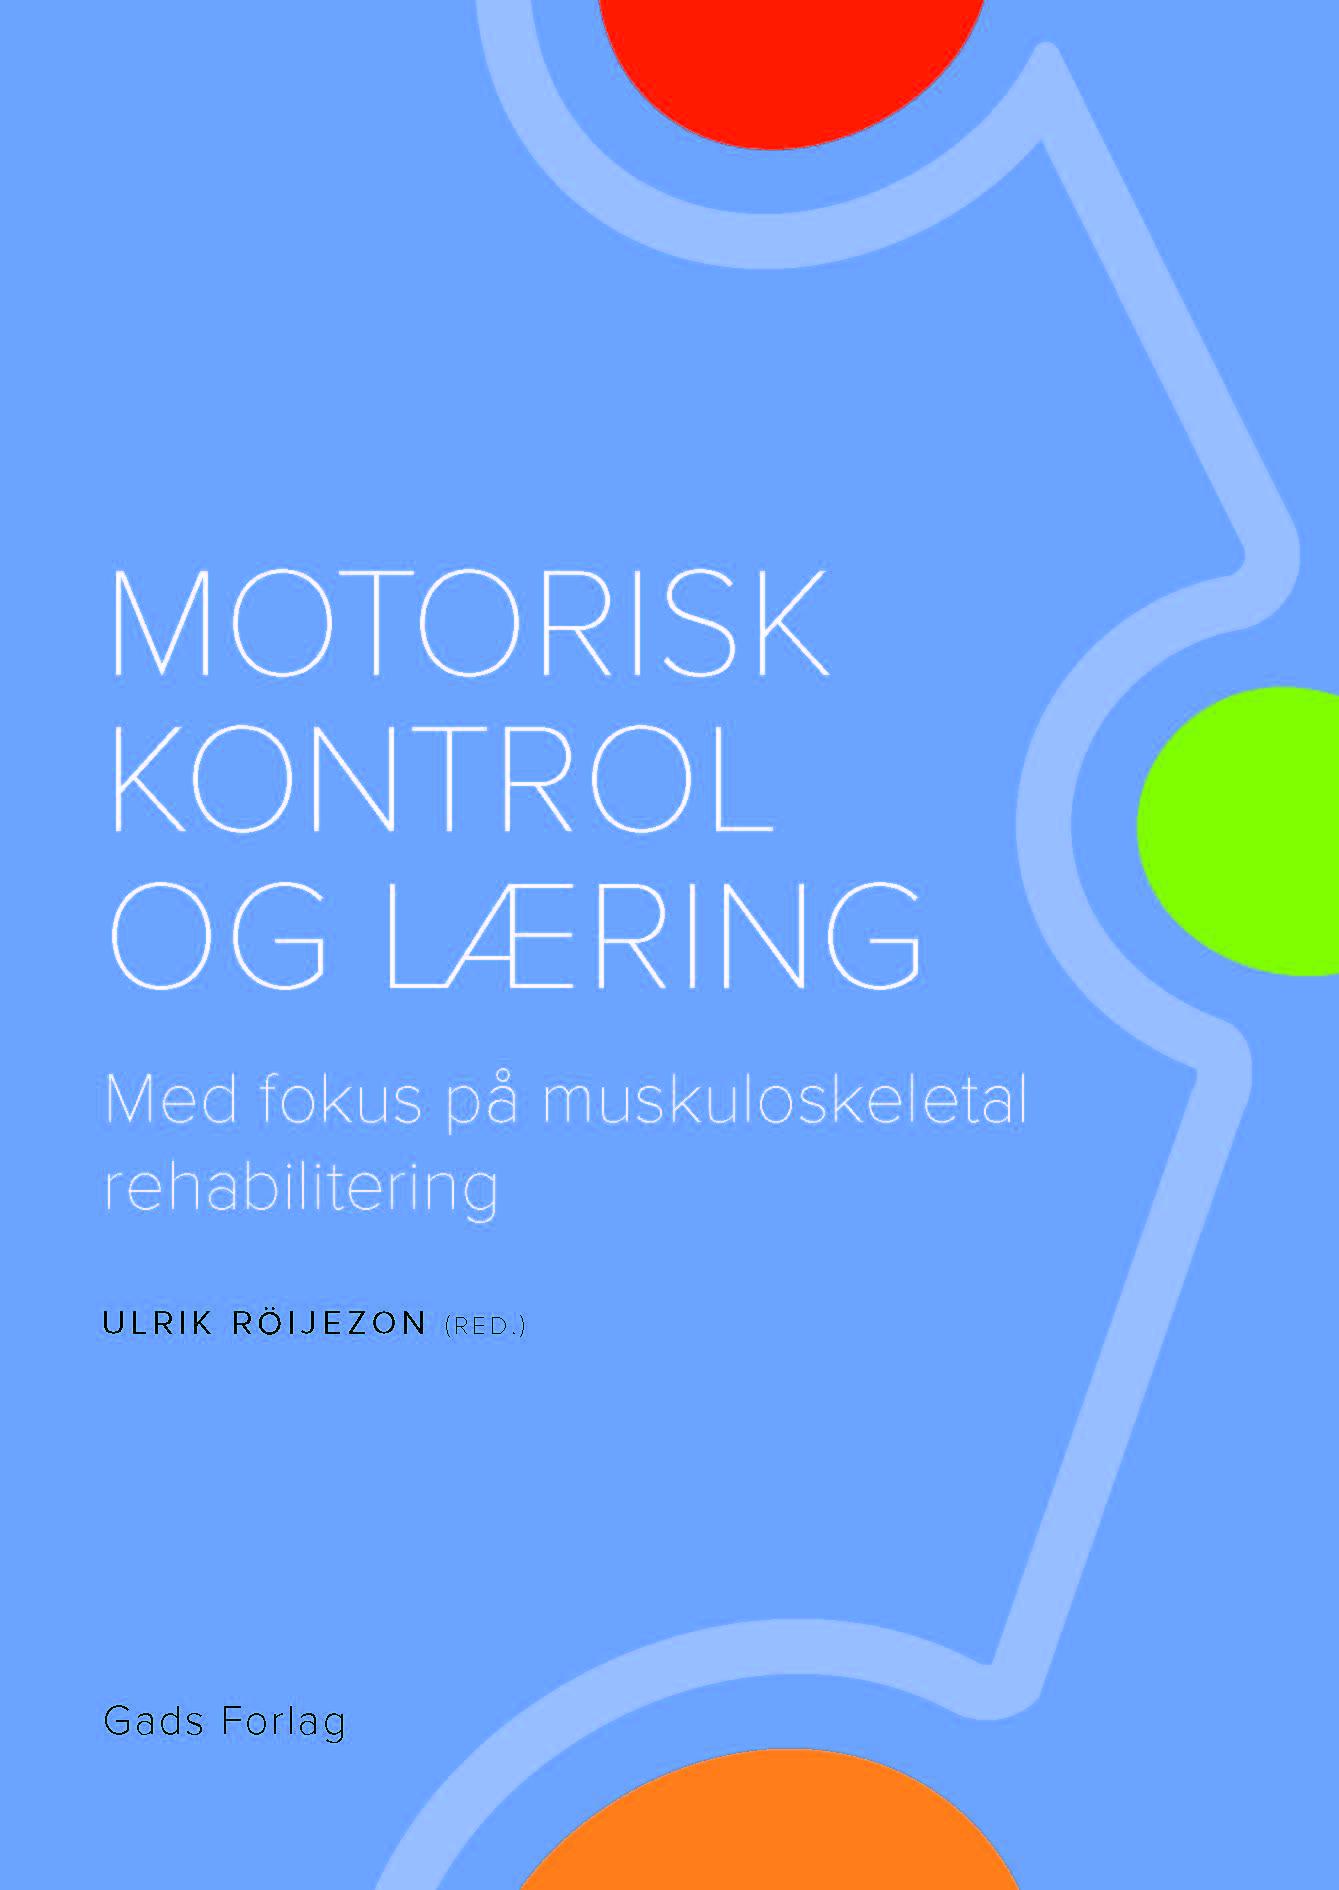 Motorisk kontrol og læring